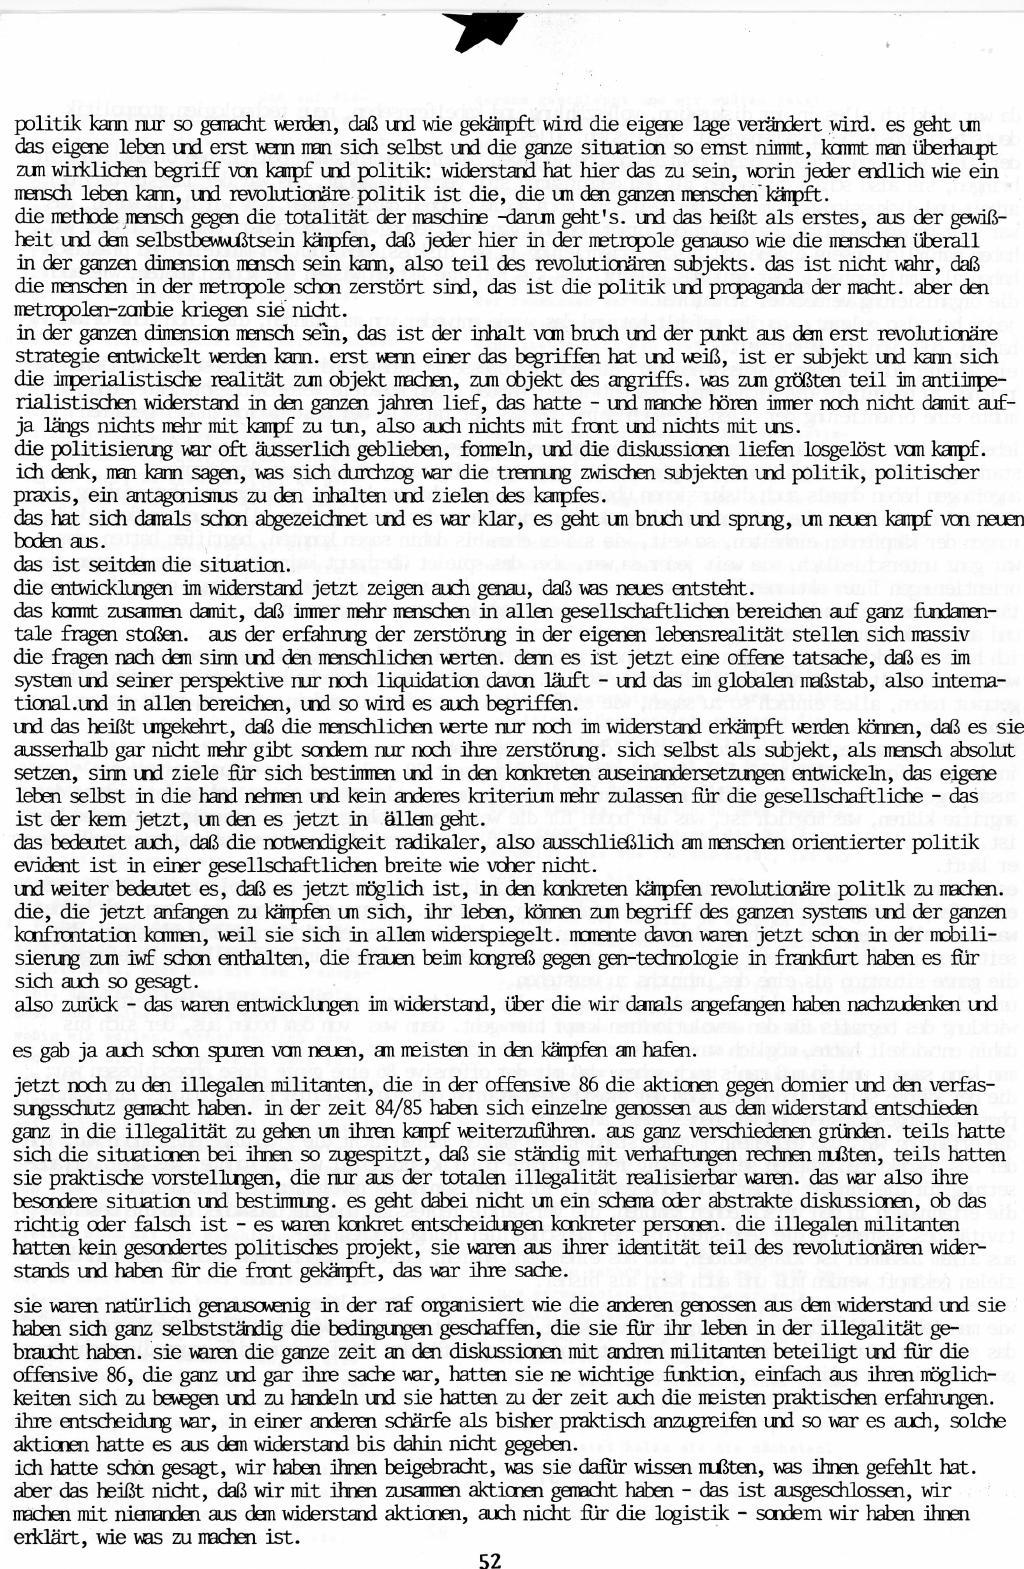 Duesseldorf_1989_Sechs_Politische_Gefangene_052